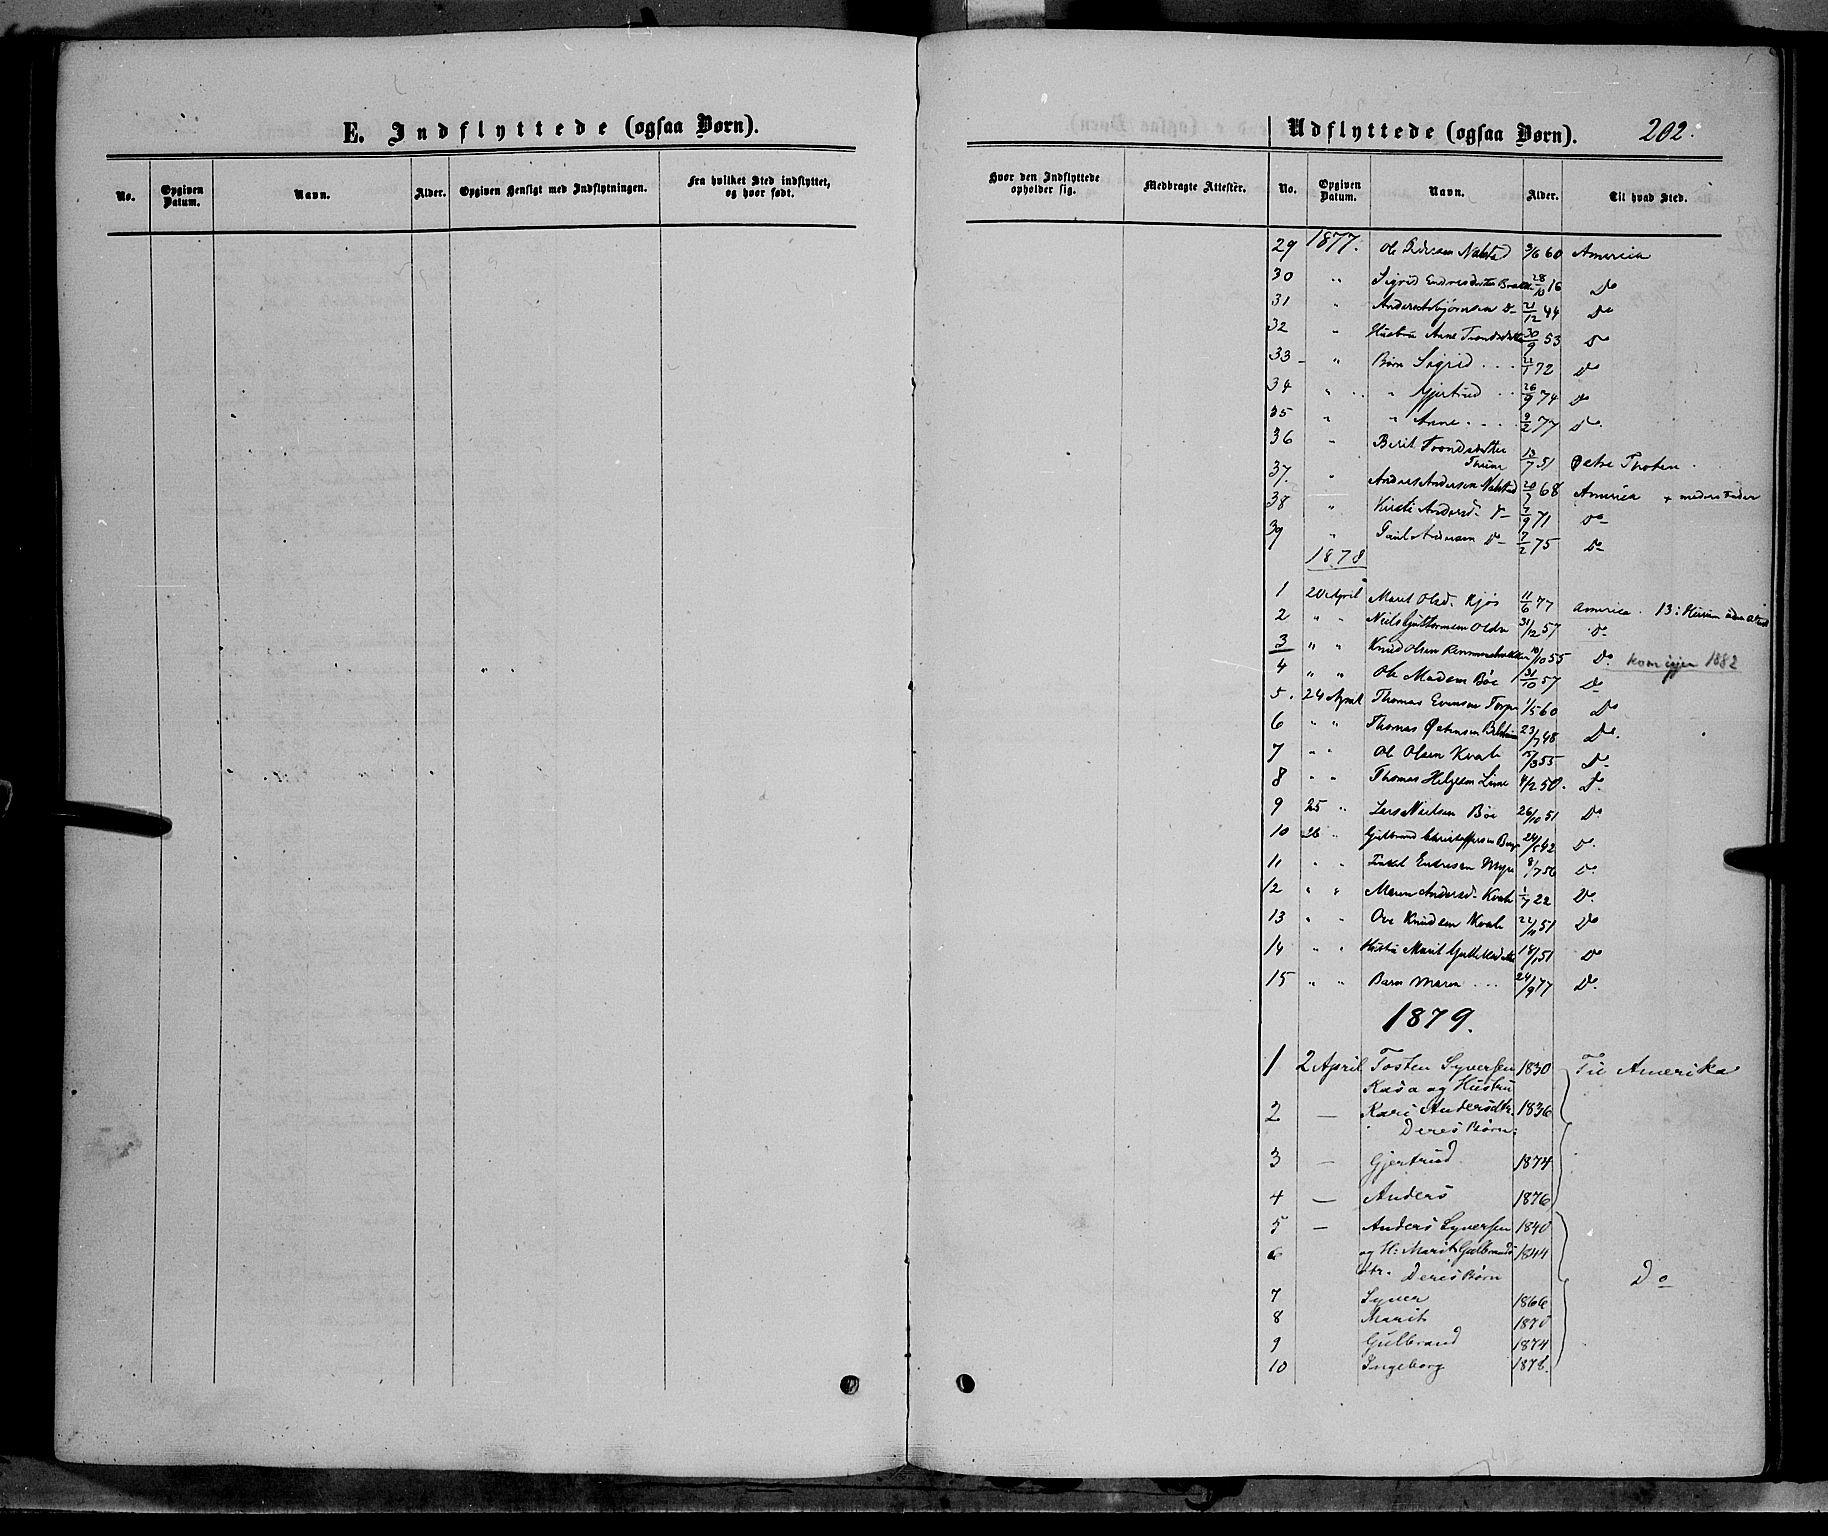 SAH, Vang prestekontor, Valdres, Ministerialbok nr. 7, 1865-1881, s. 202